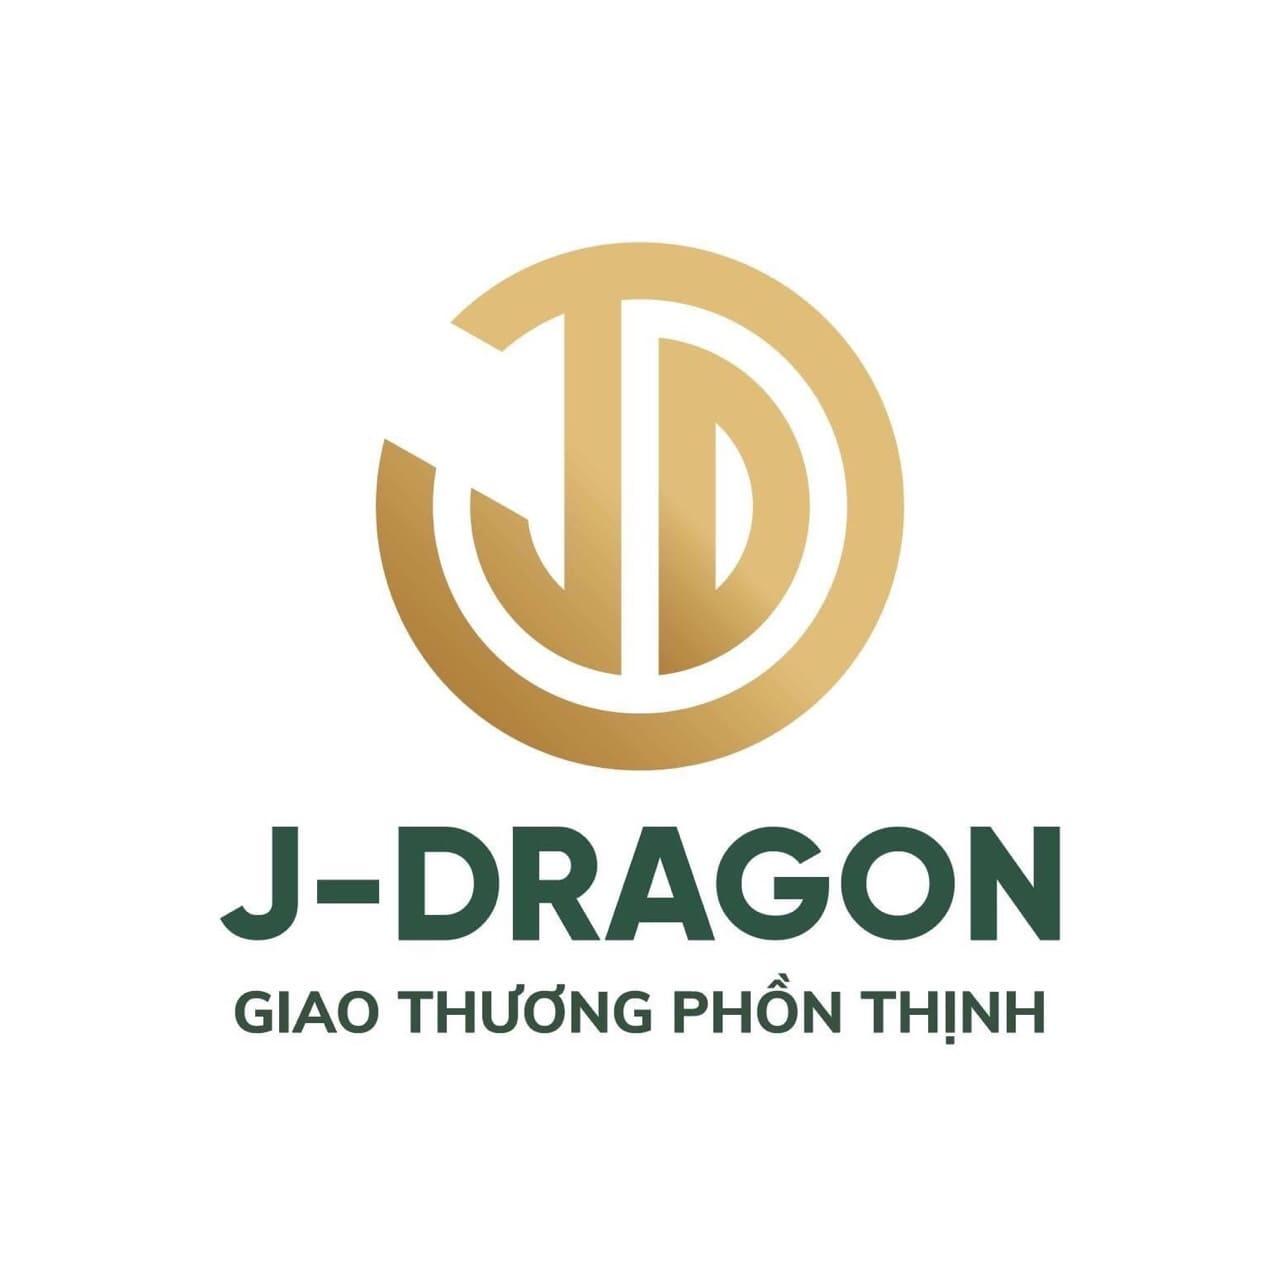 logo thang loi j dragon - THẮNG LỢI J DRAGON CẦN ĐƯỚC LONG AN